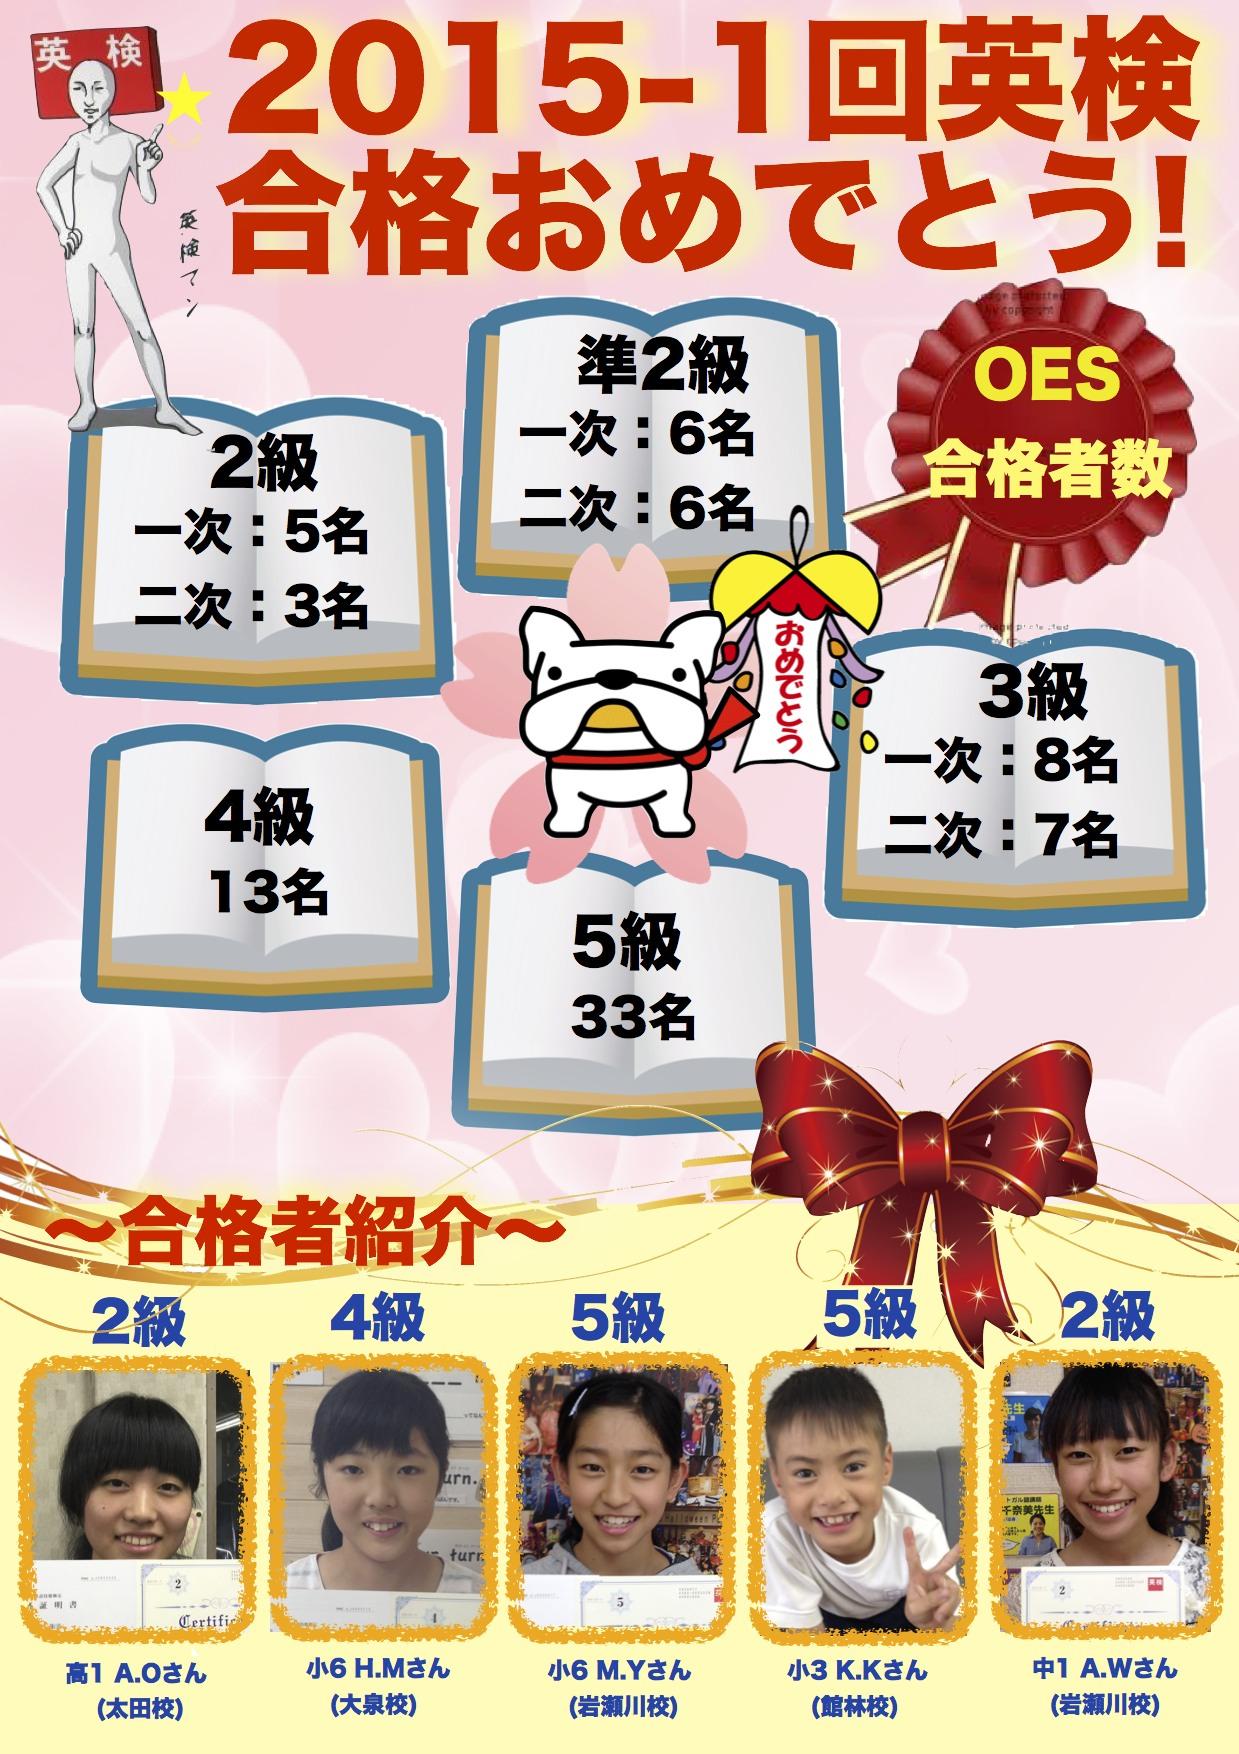 2015-1回英検合格ポスター WEB OTA1 GL1 IW2 TES1